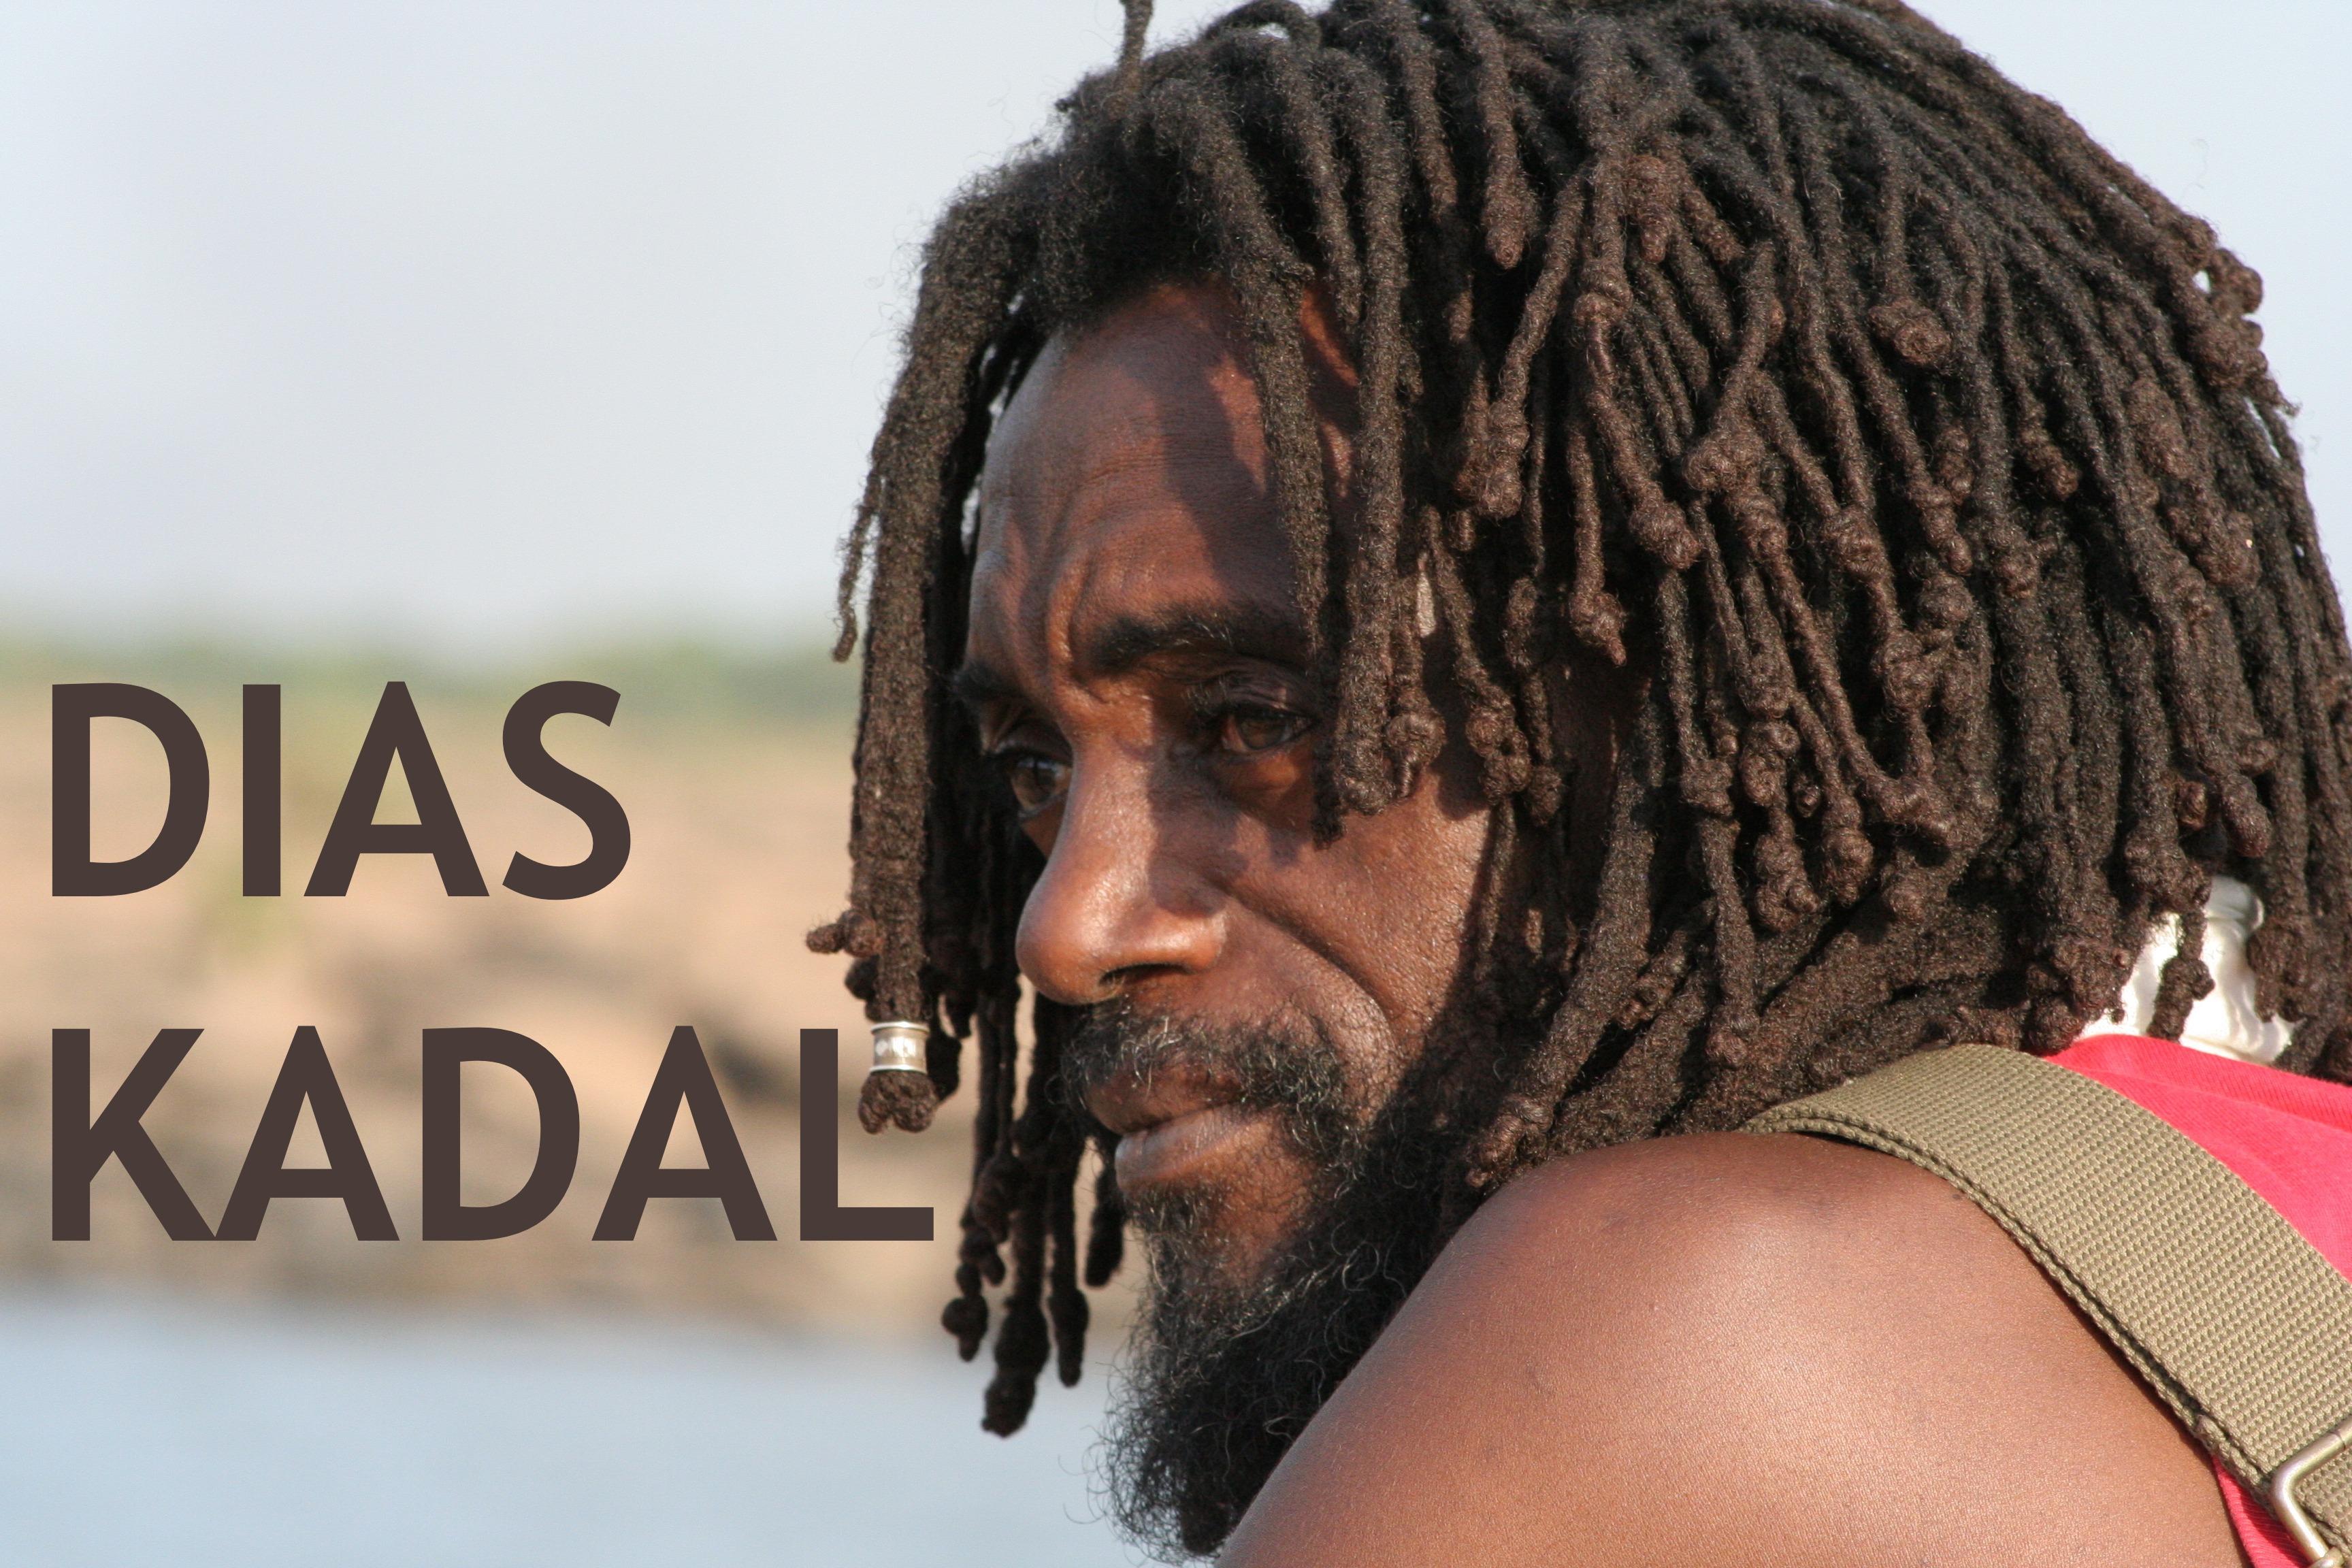 Dias Kadal